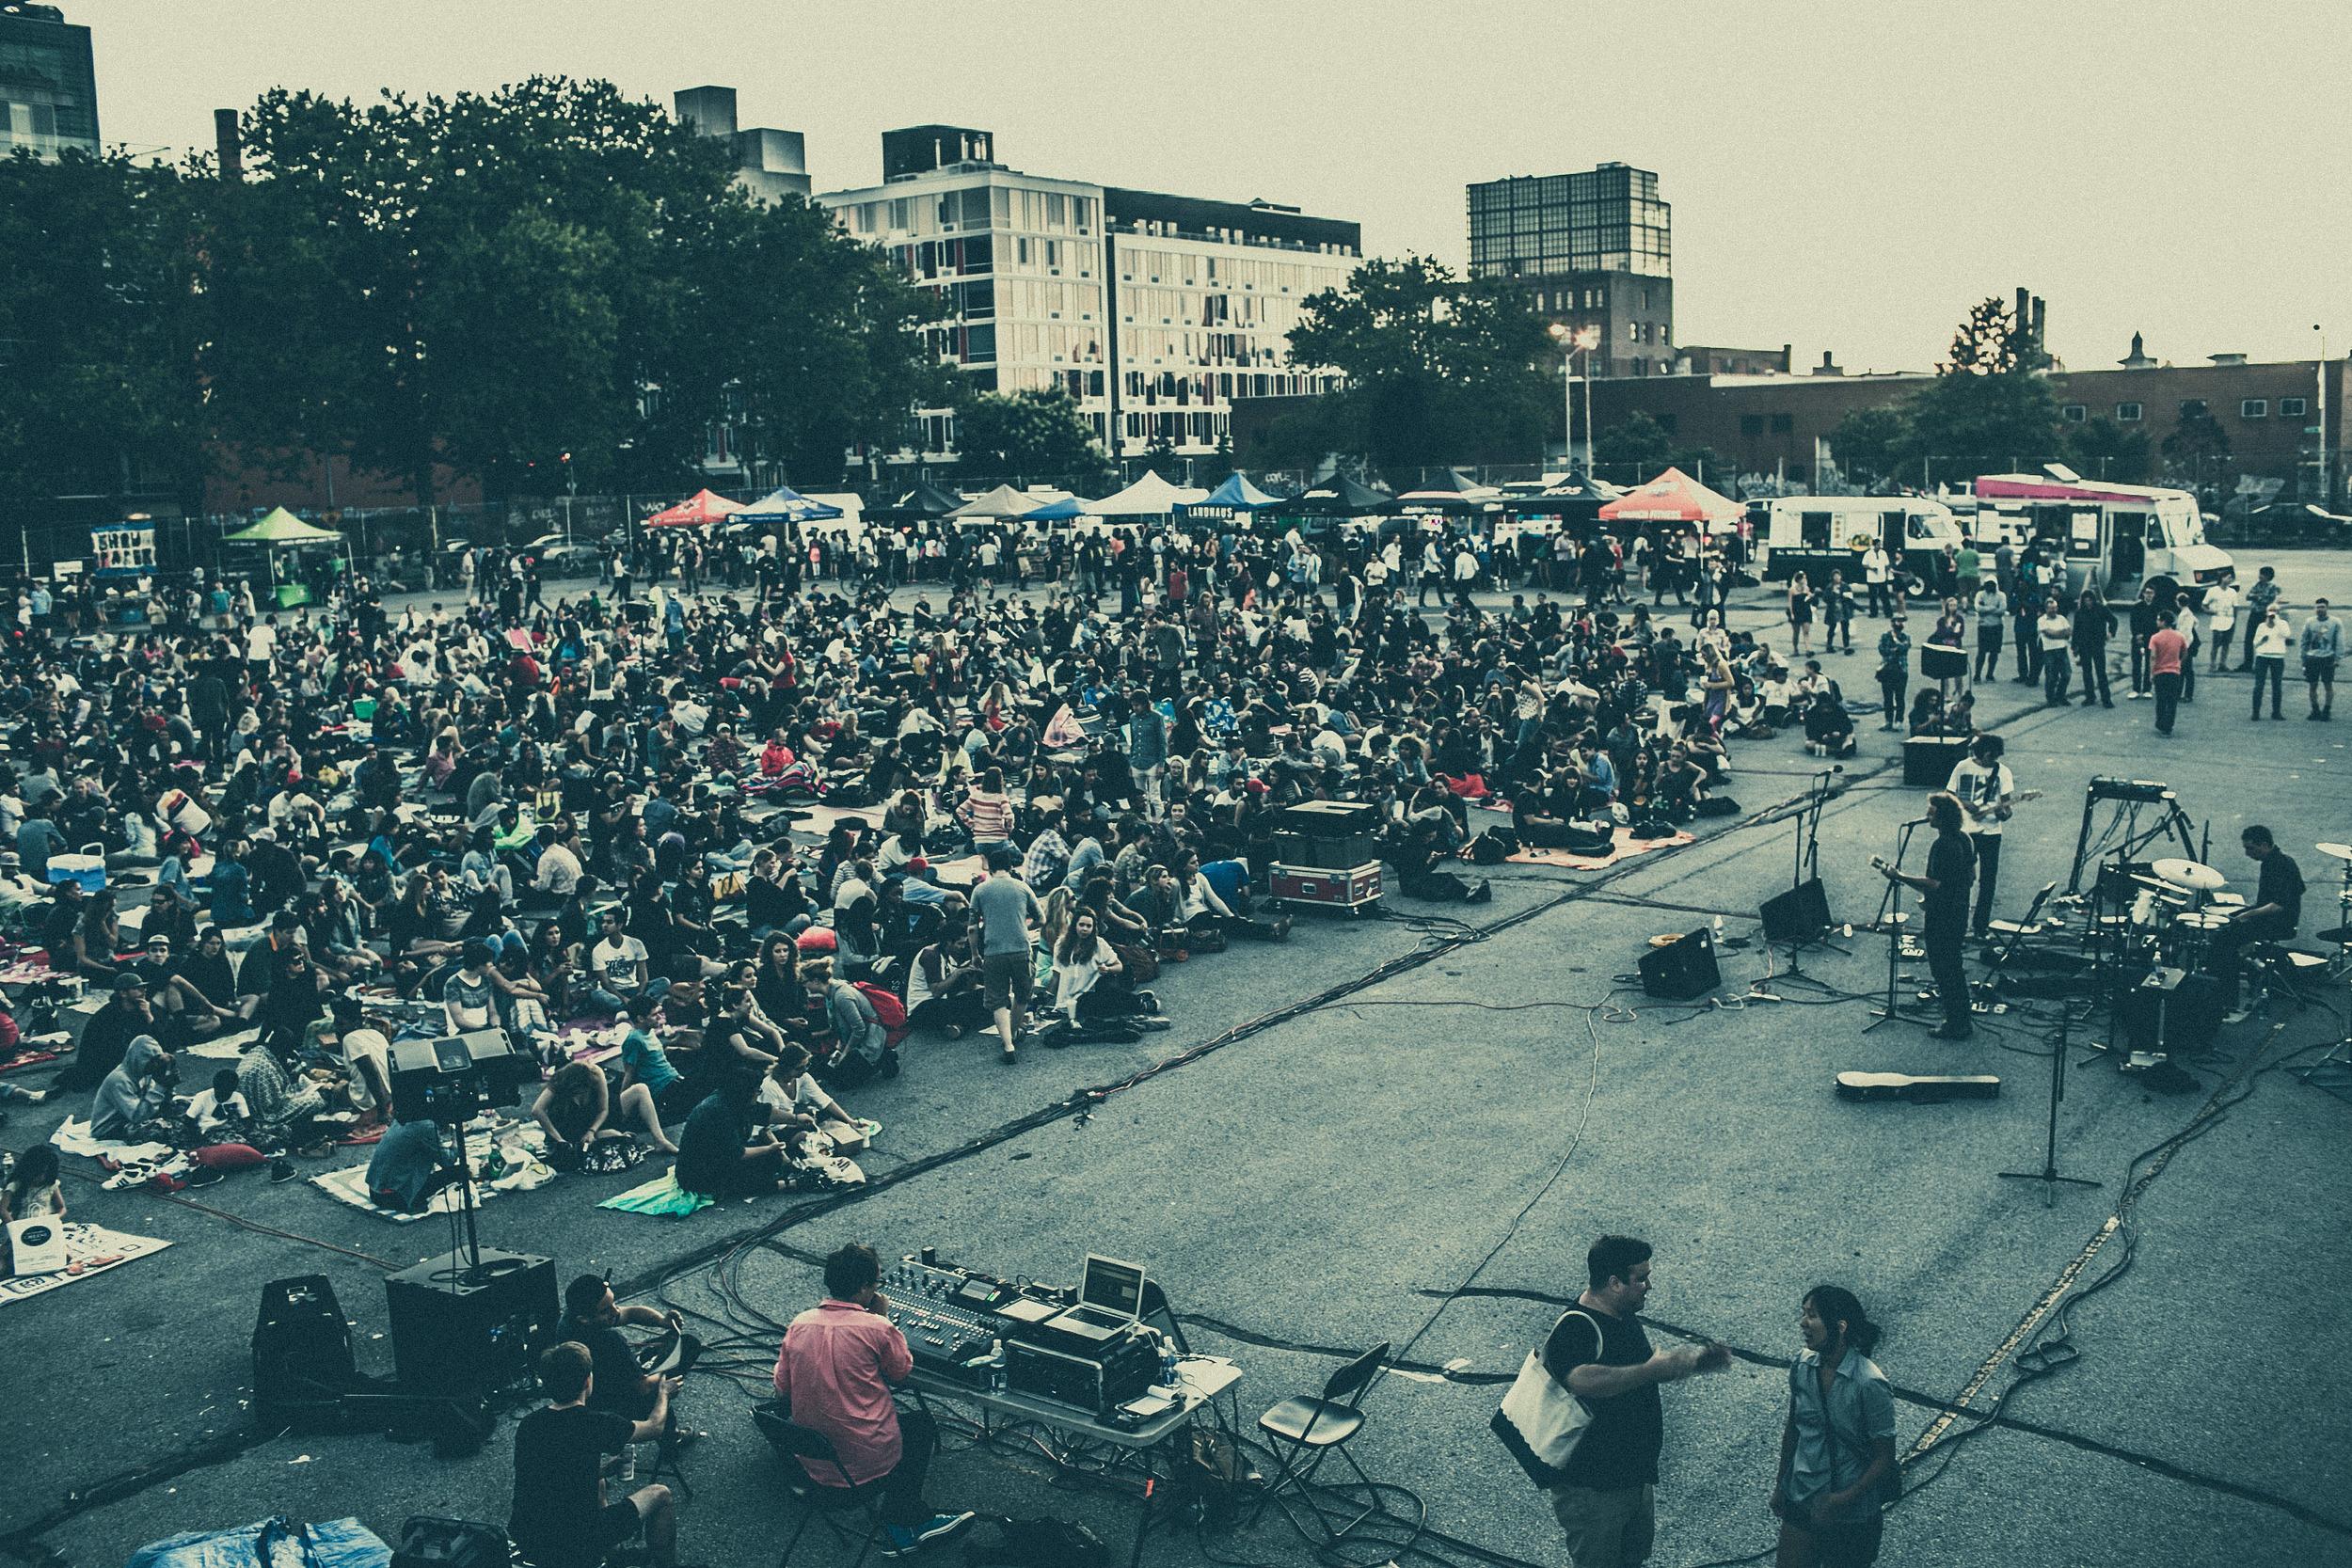 Summerscreen - Brooklyn Mag - Crowd Shots (16 of 46).jpg